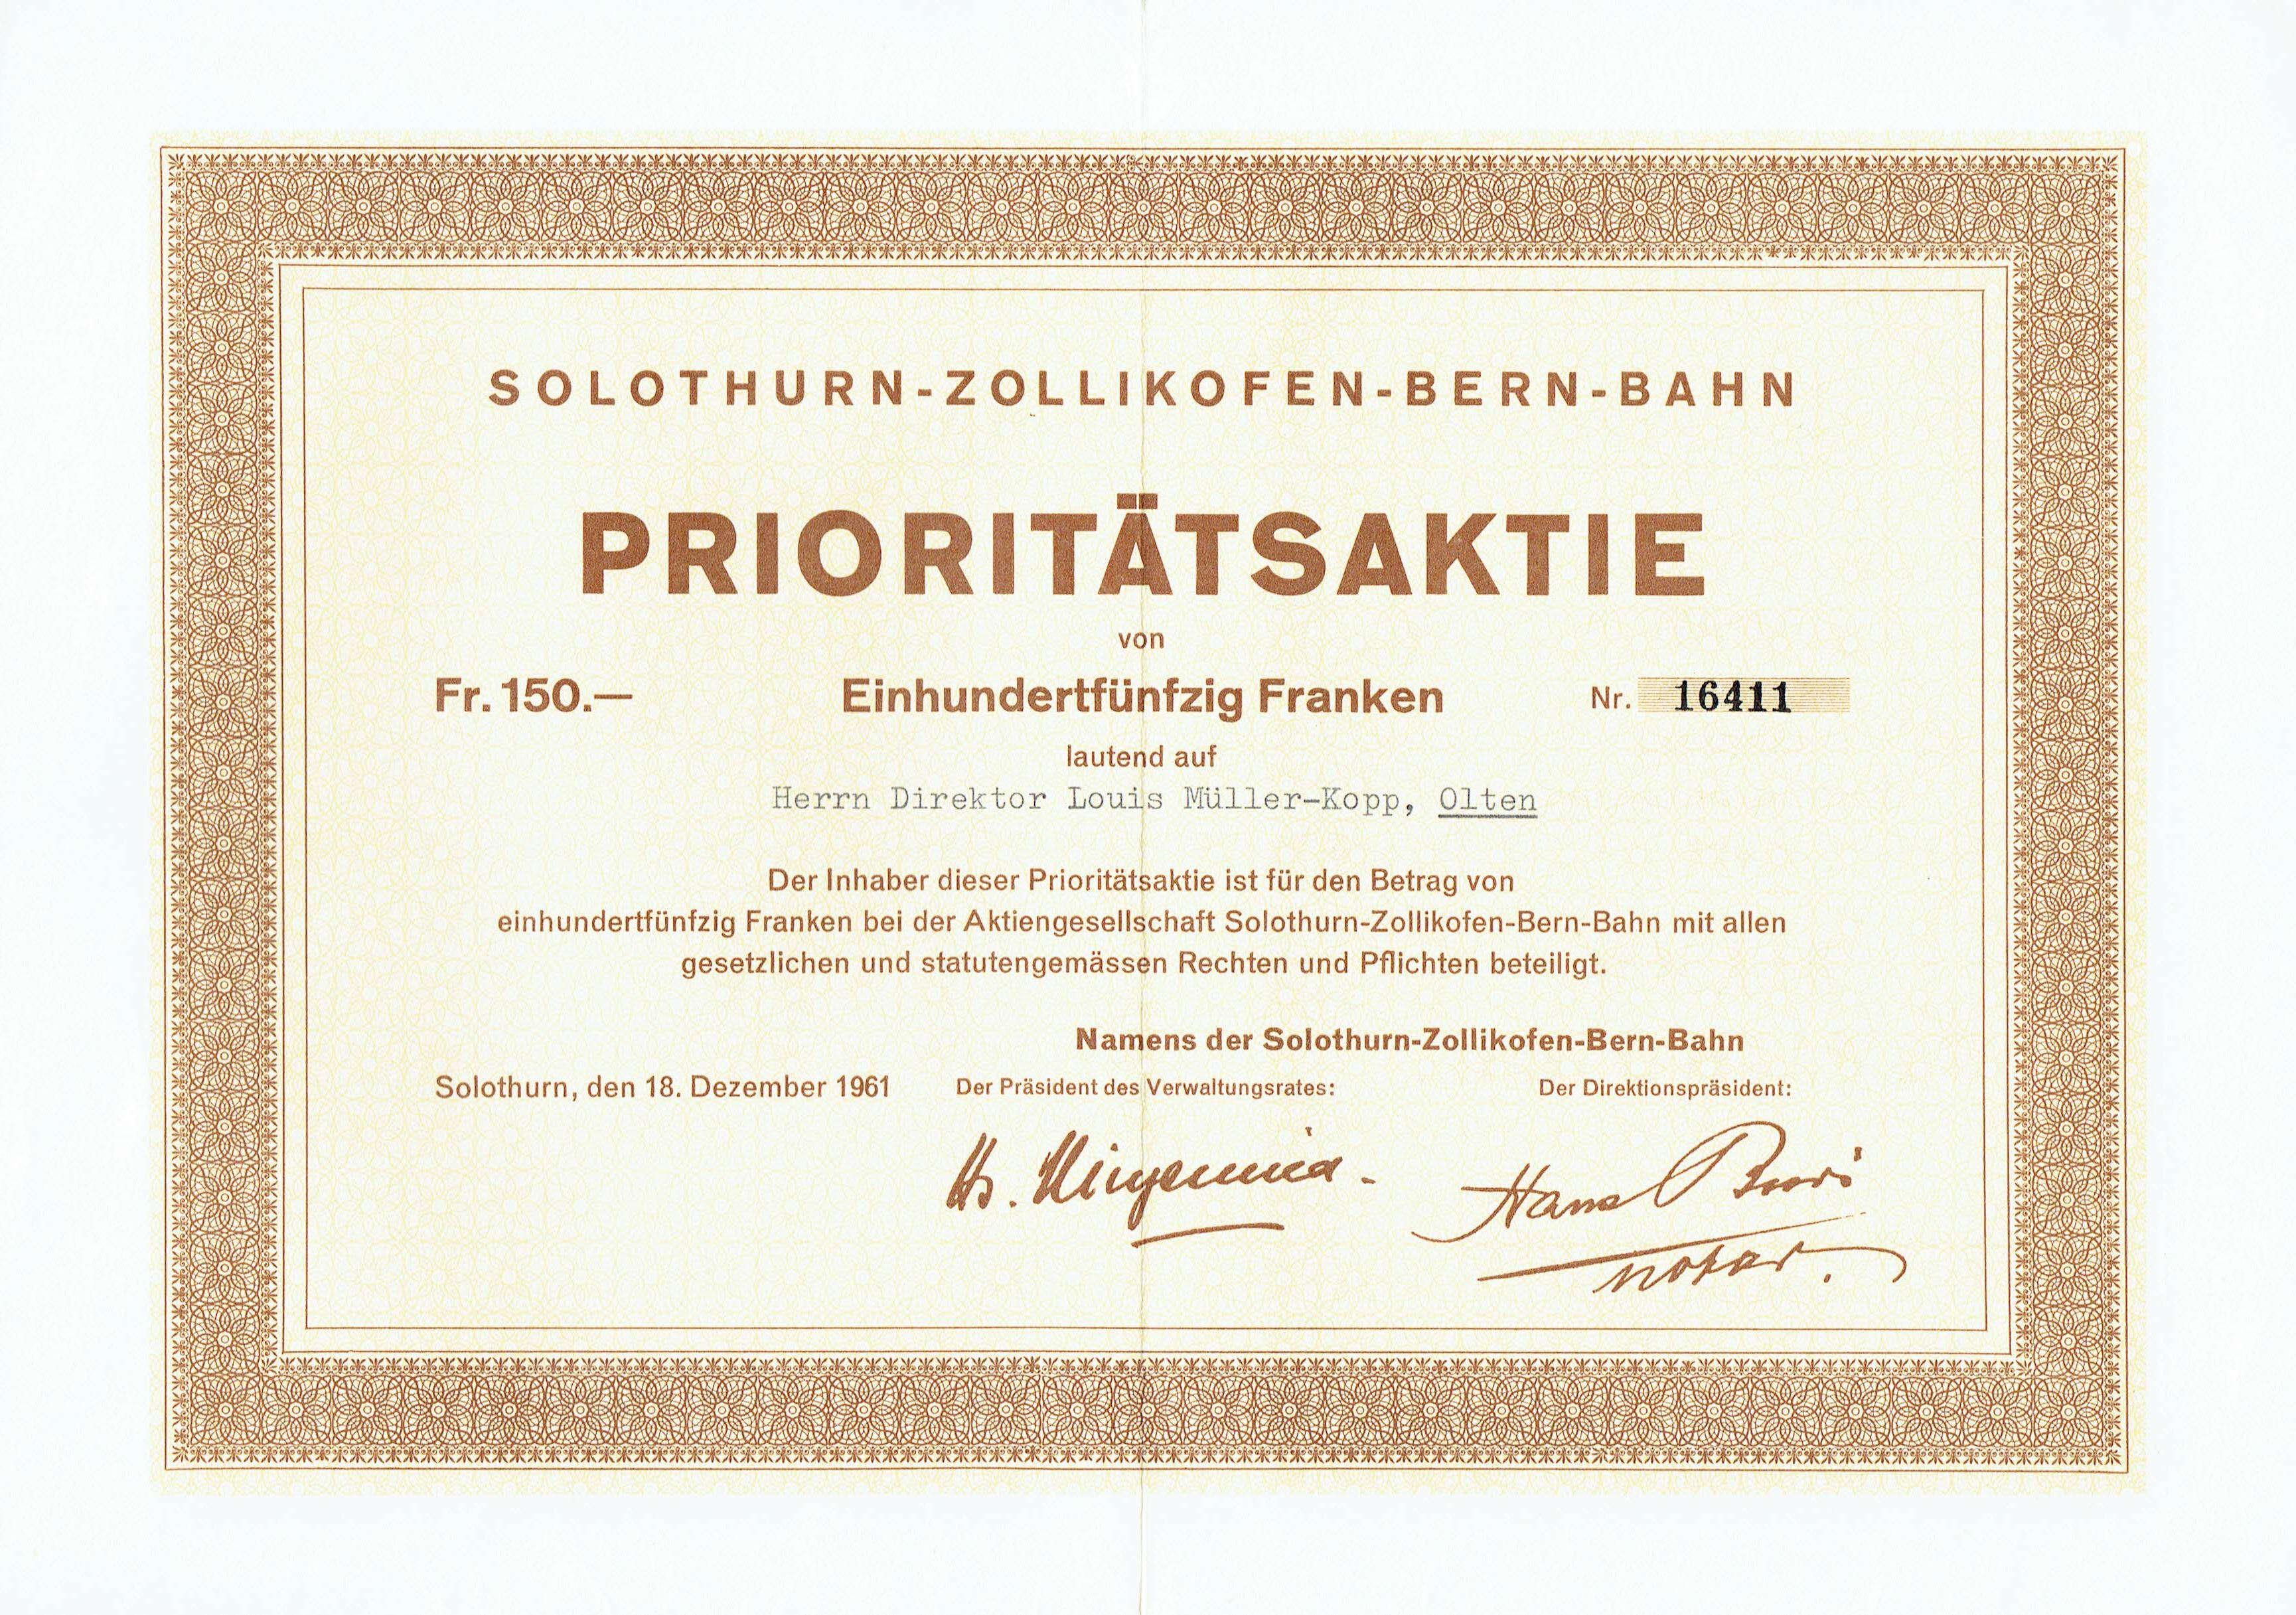 Dateisolothurn Zollikofen Bern Bahn 1961jpg Wikipedia